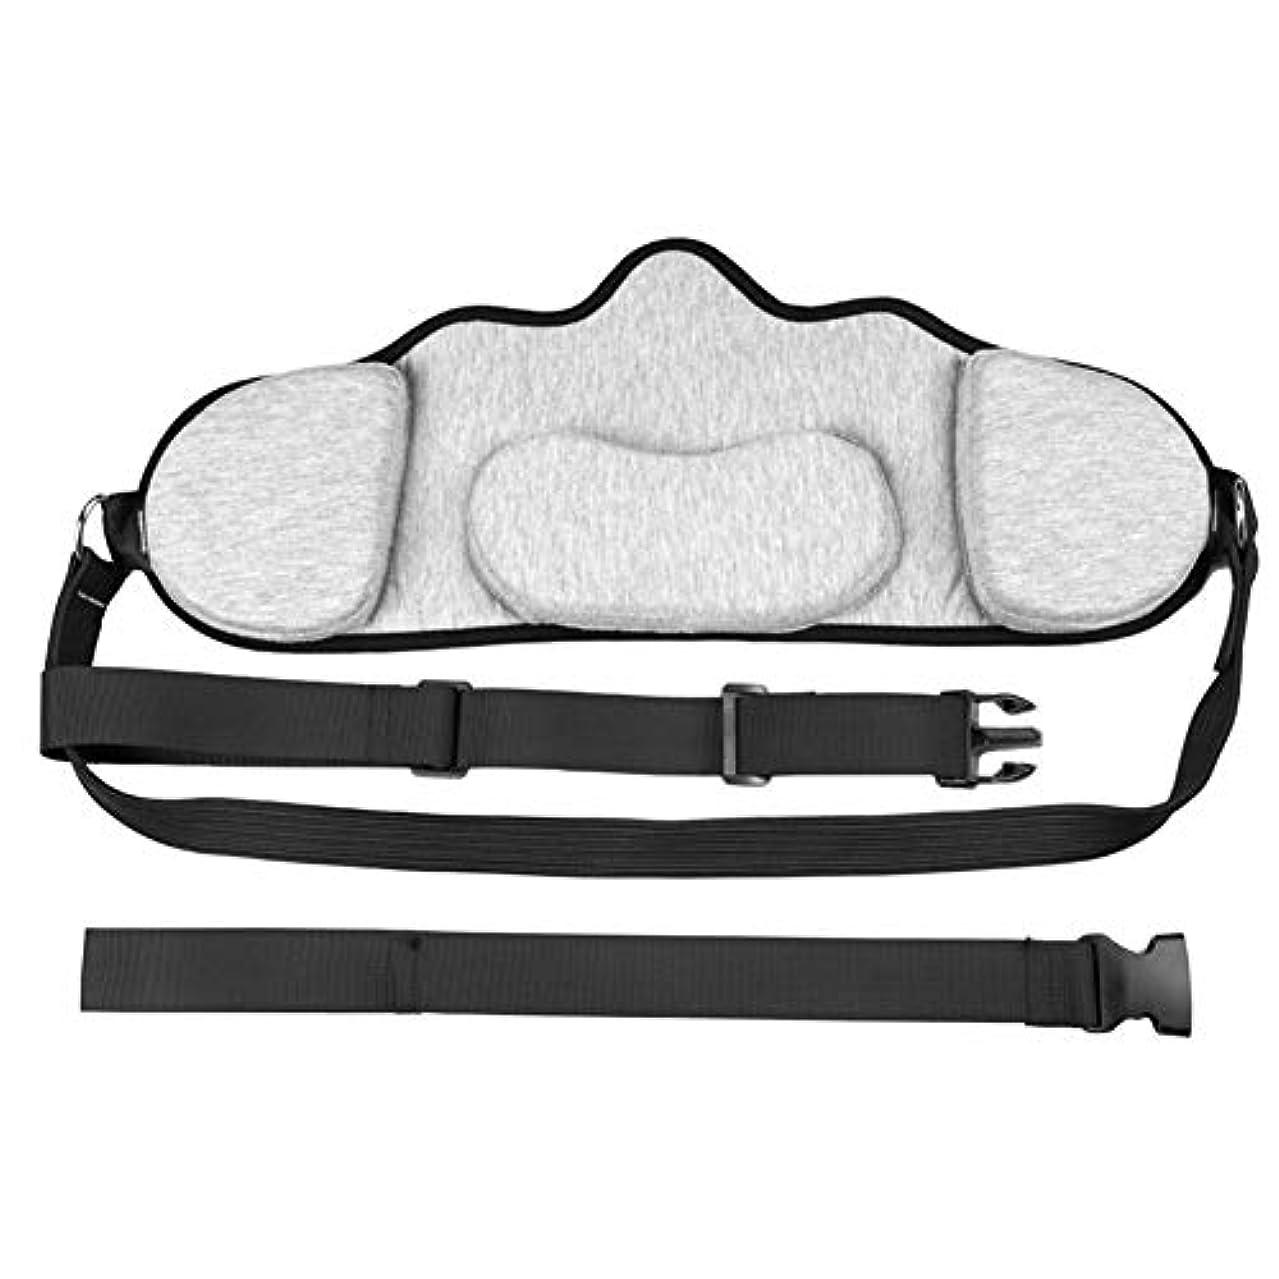 良性習慣延期する2パック耐久性のあるポータブル首牽引&リラクゼーションハンモック、オフィスワーカーのドライバーのためのセルフマッサージャーと肩の痛みサポーターを持つ人はリラックスデバイス